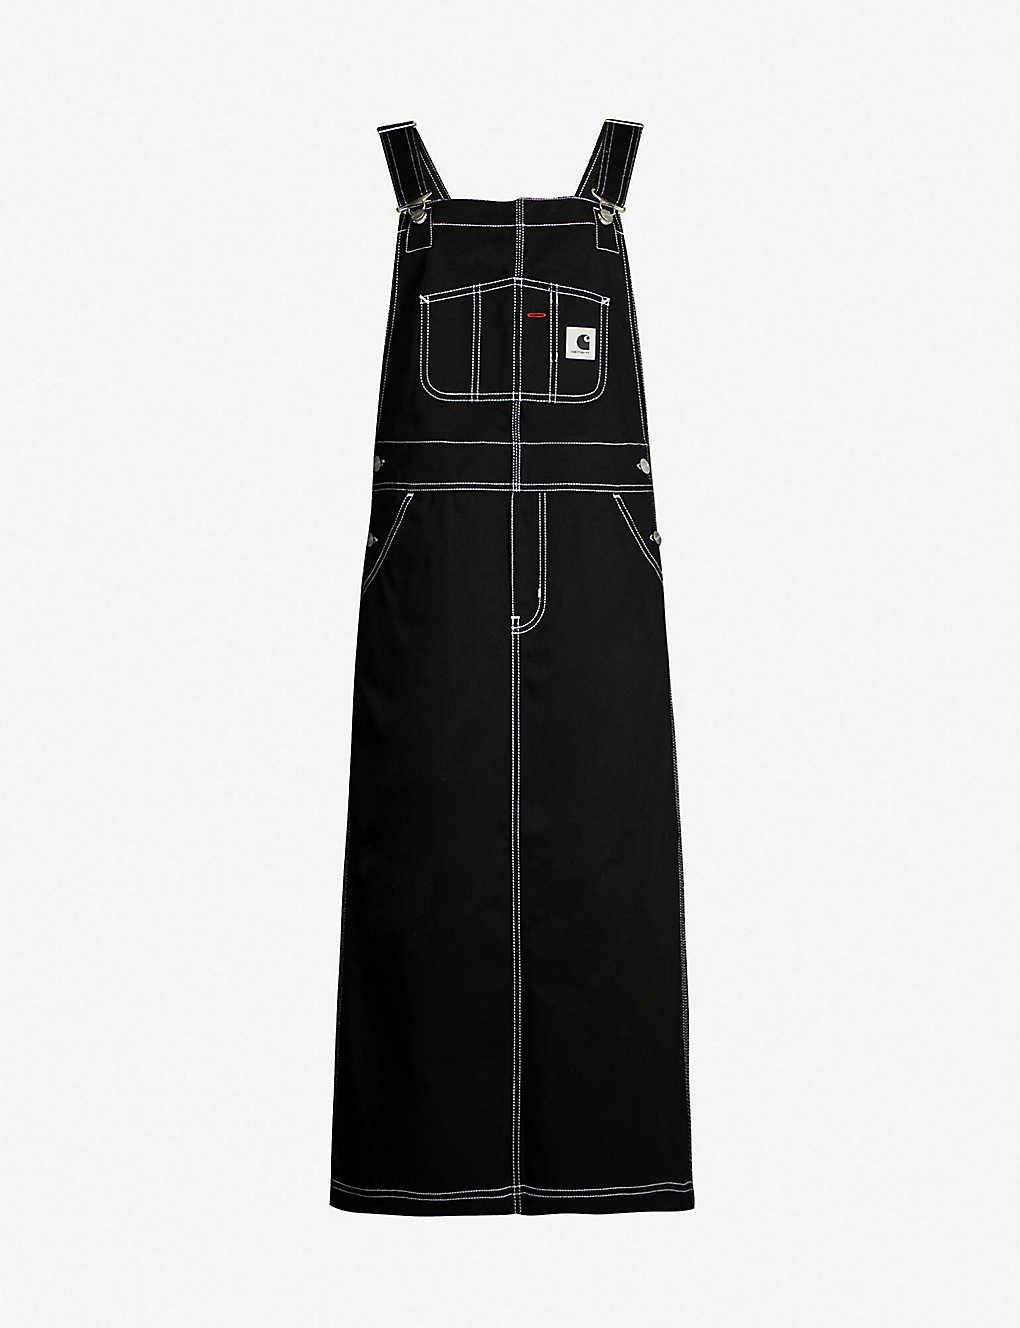 1e6ca9f1253ca CARHARTT WIP - W' Bib branded denim overall dress | Selfridges.com